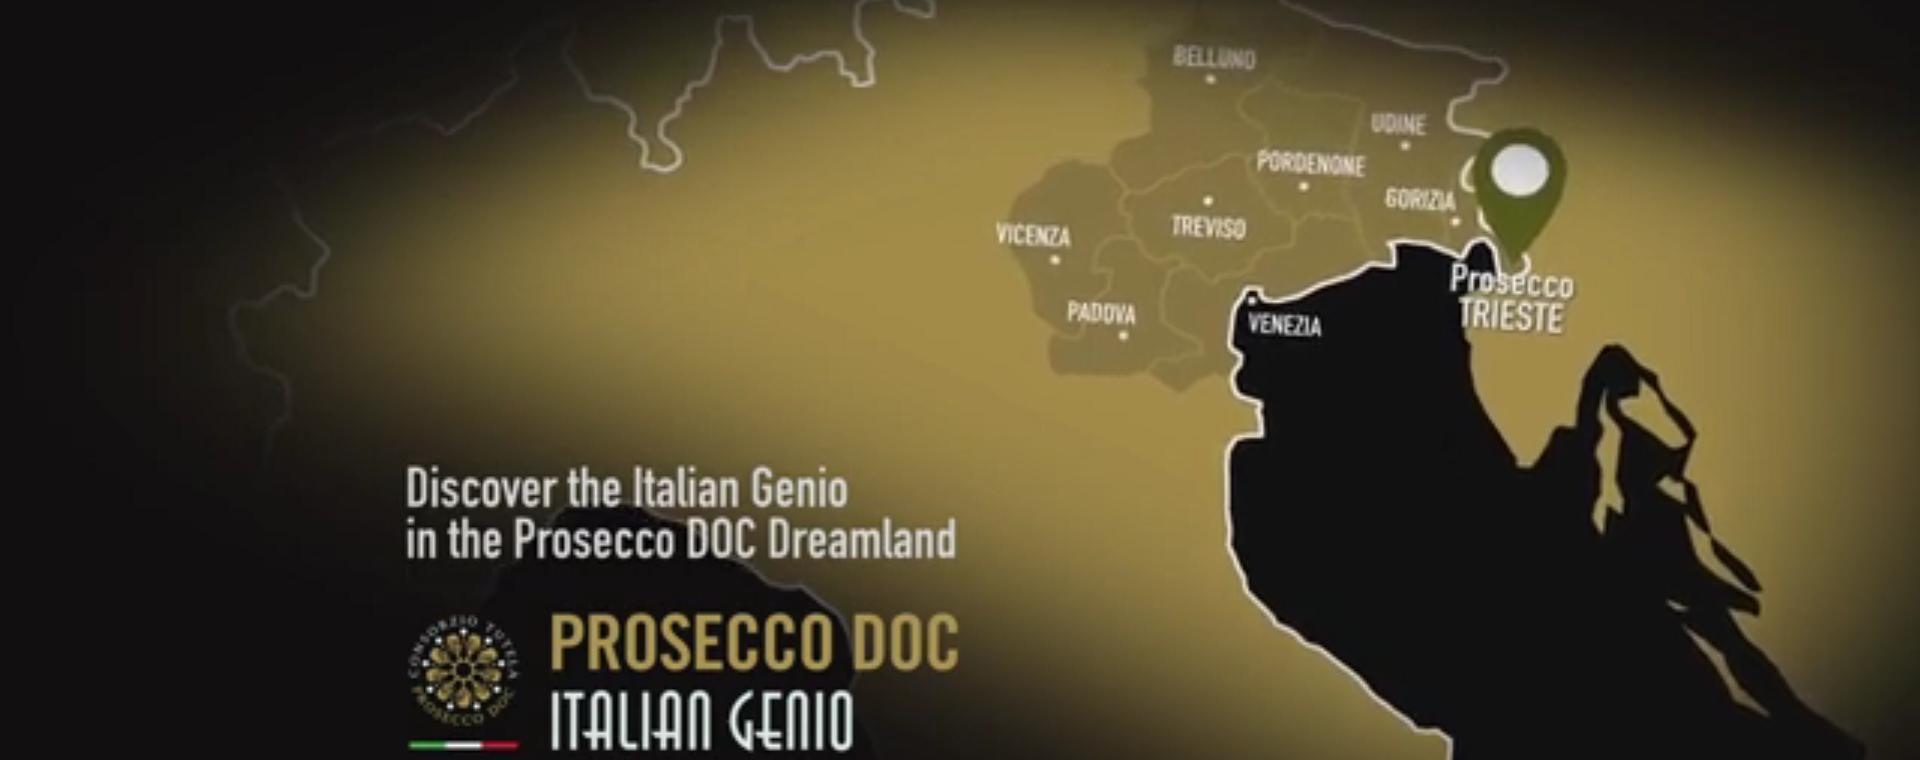 Area Science Park per Prosecco Doc: una storia di Italian Genio